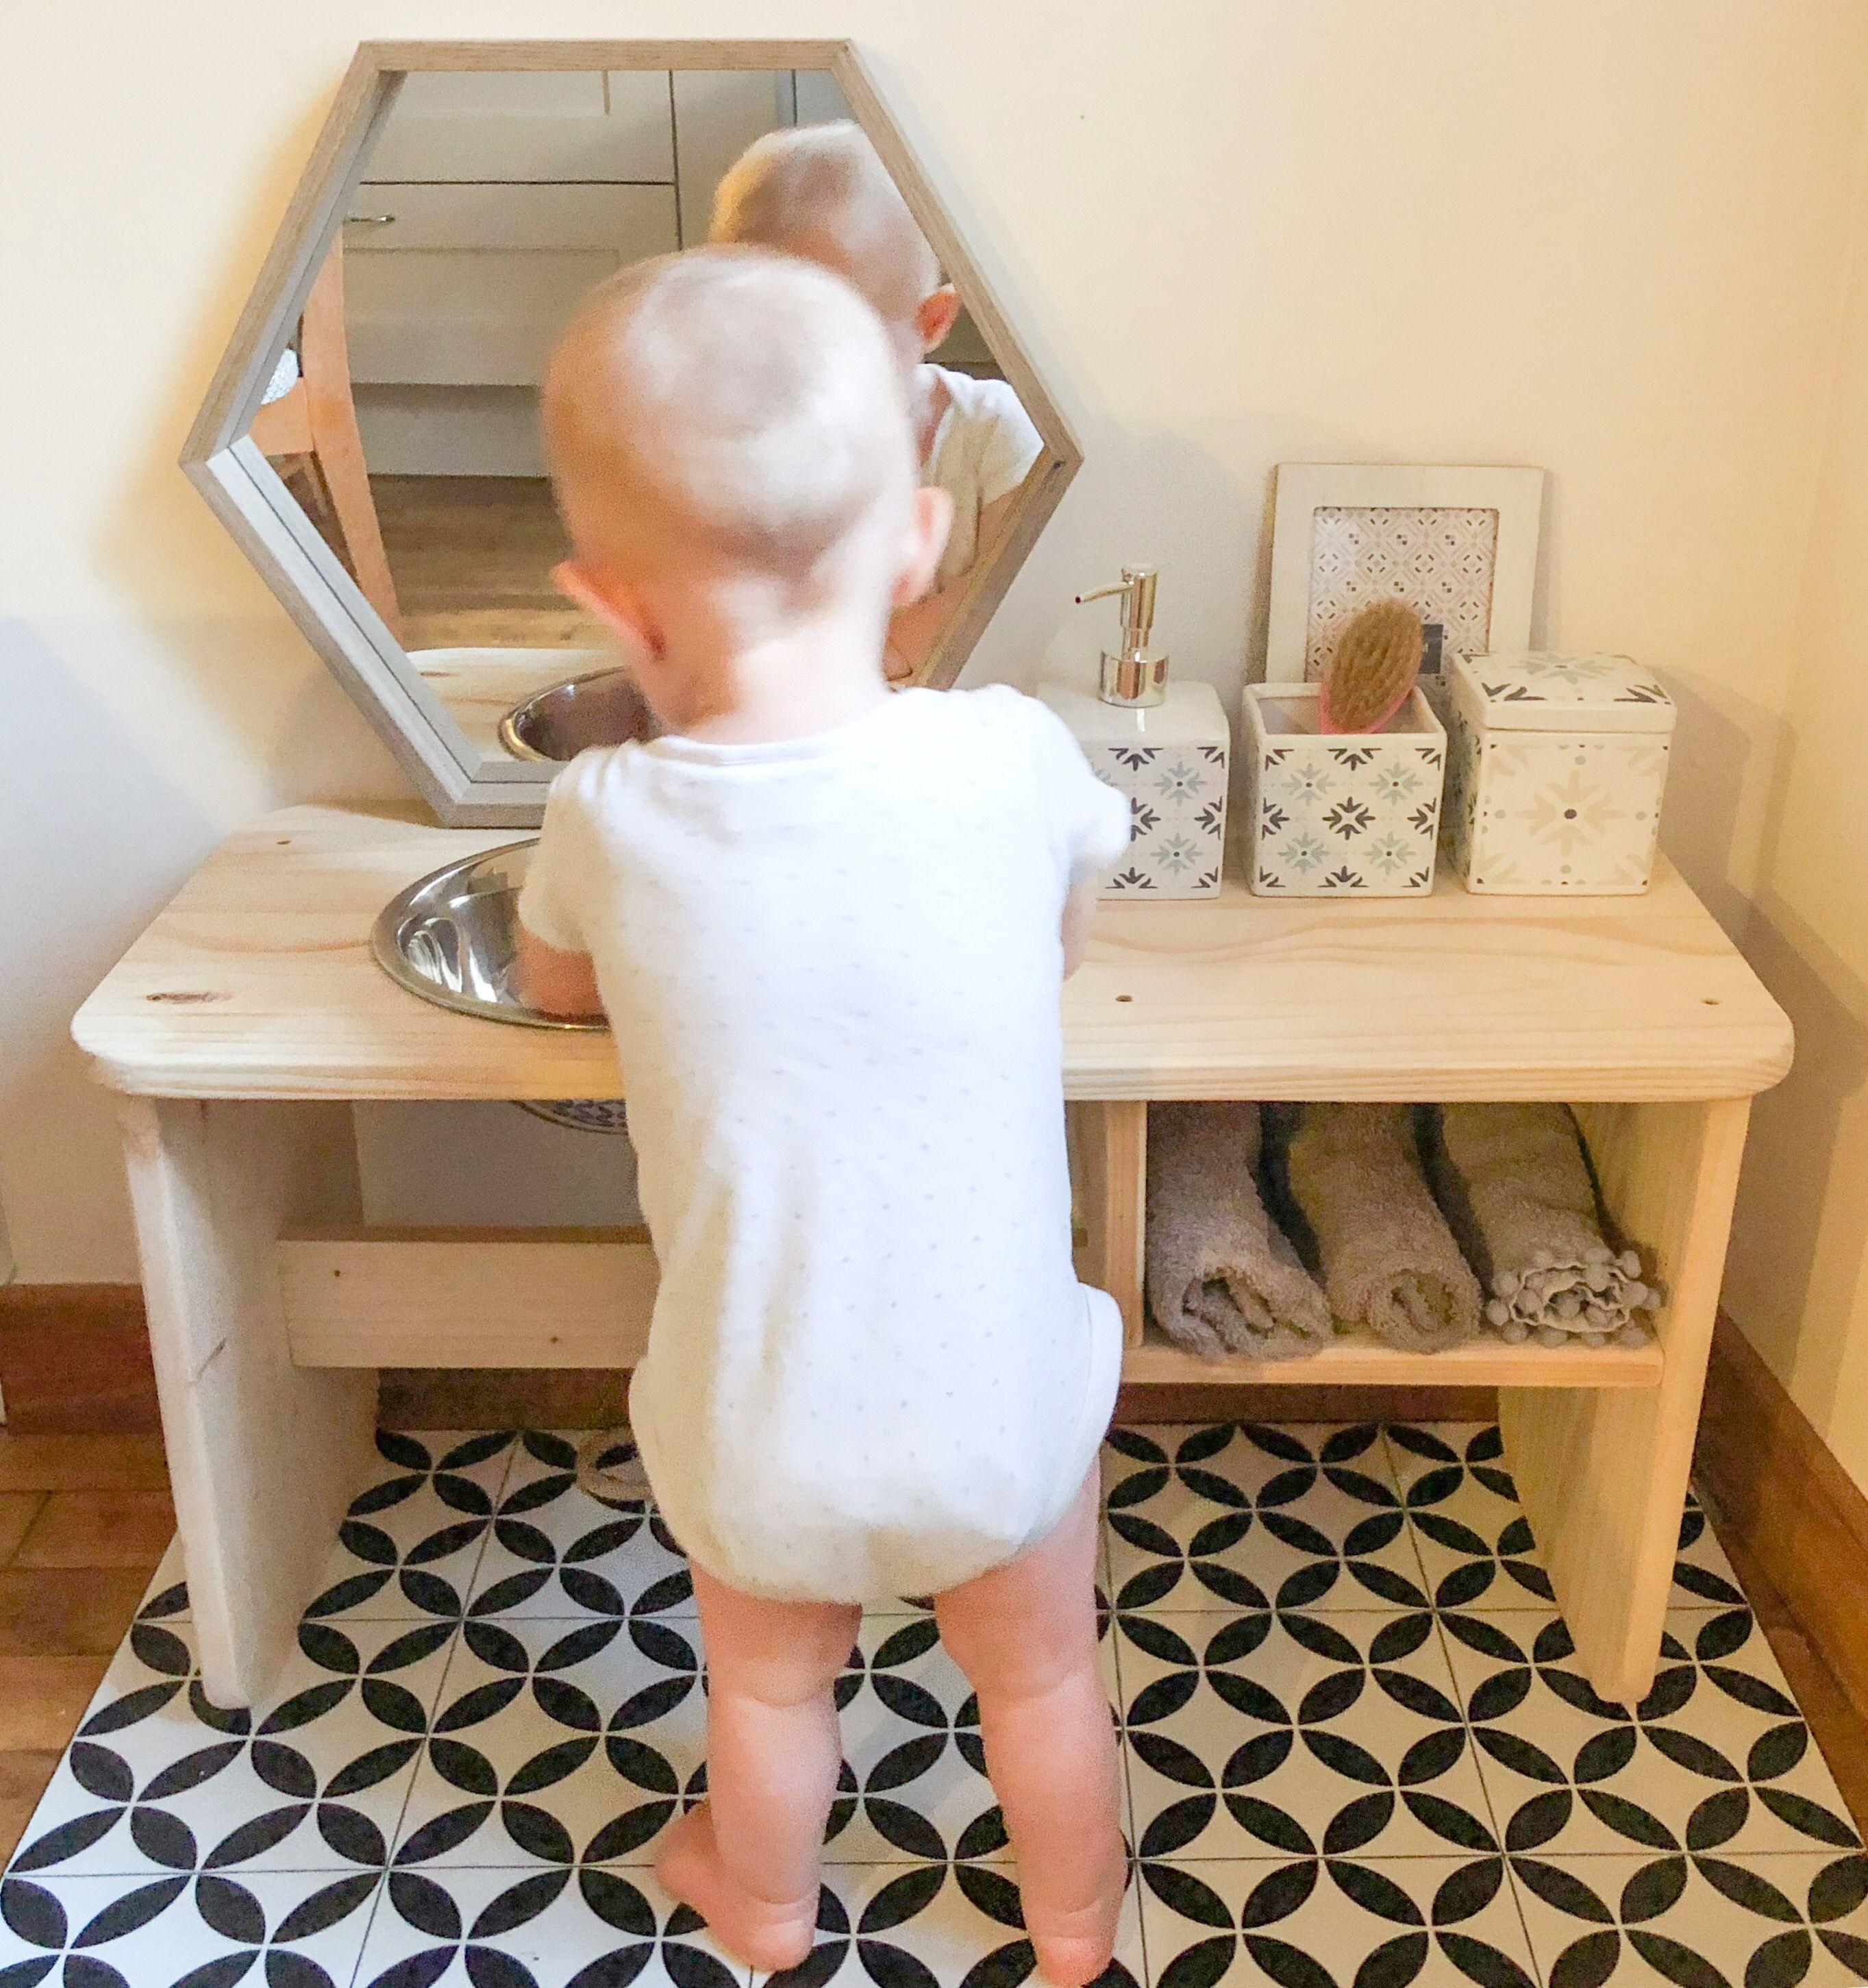 Table de salle de bain montessori id ale pour guider b b vers l autonomie b b apprend se - Salle de bain bebe ...